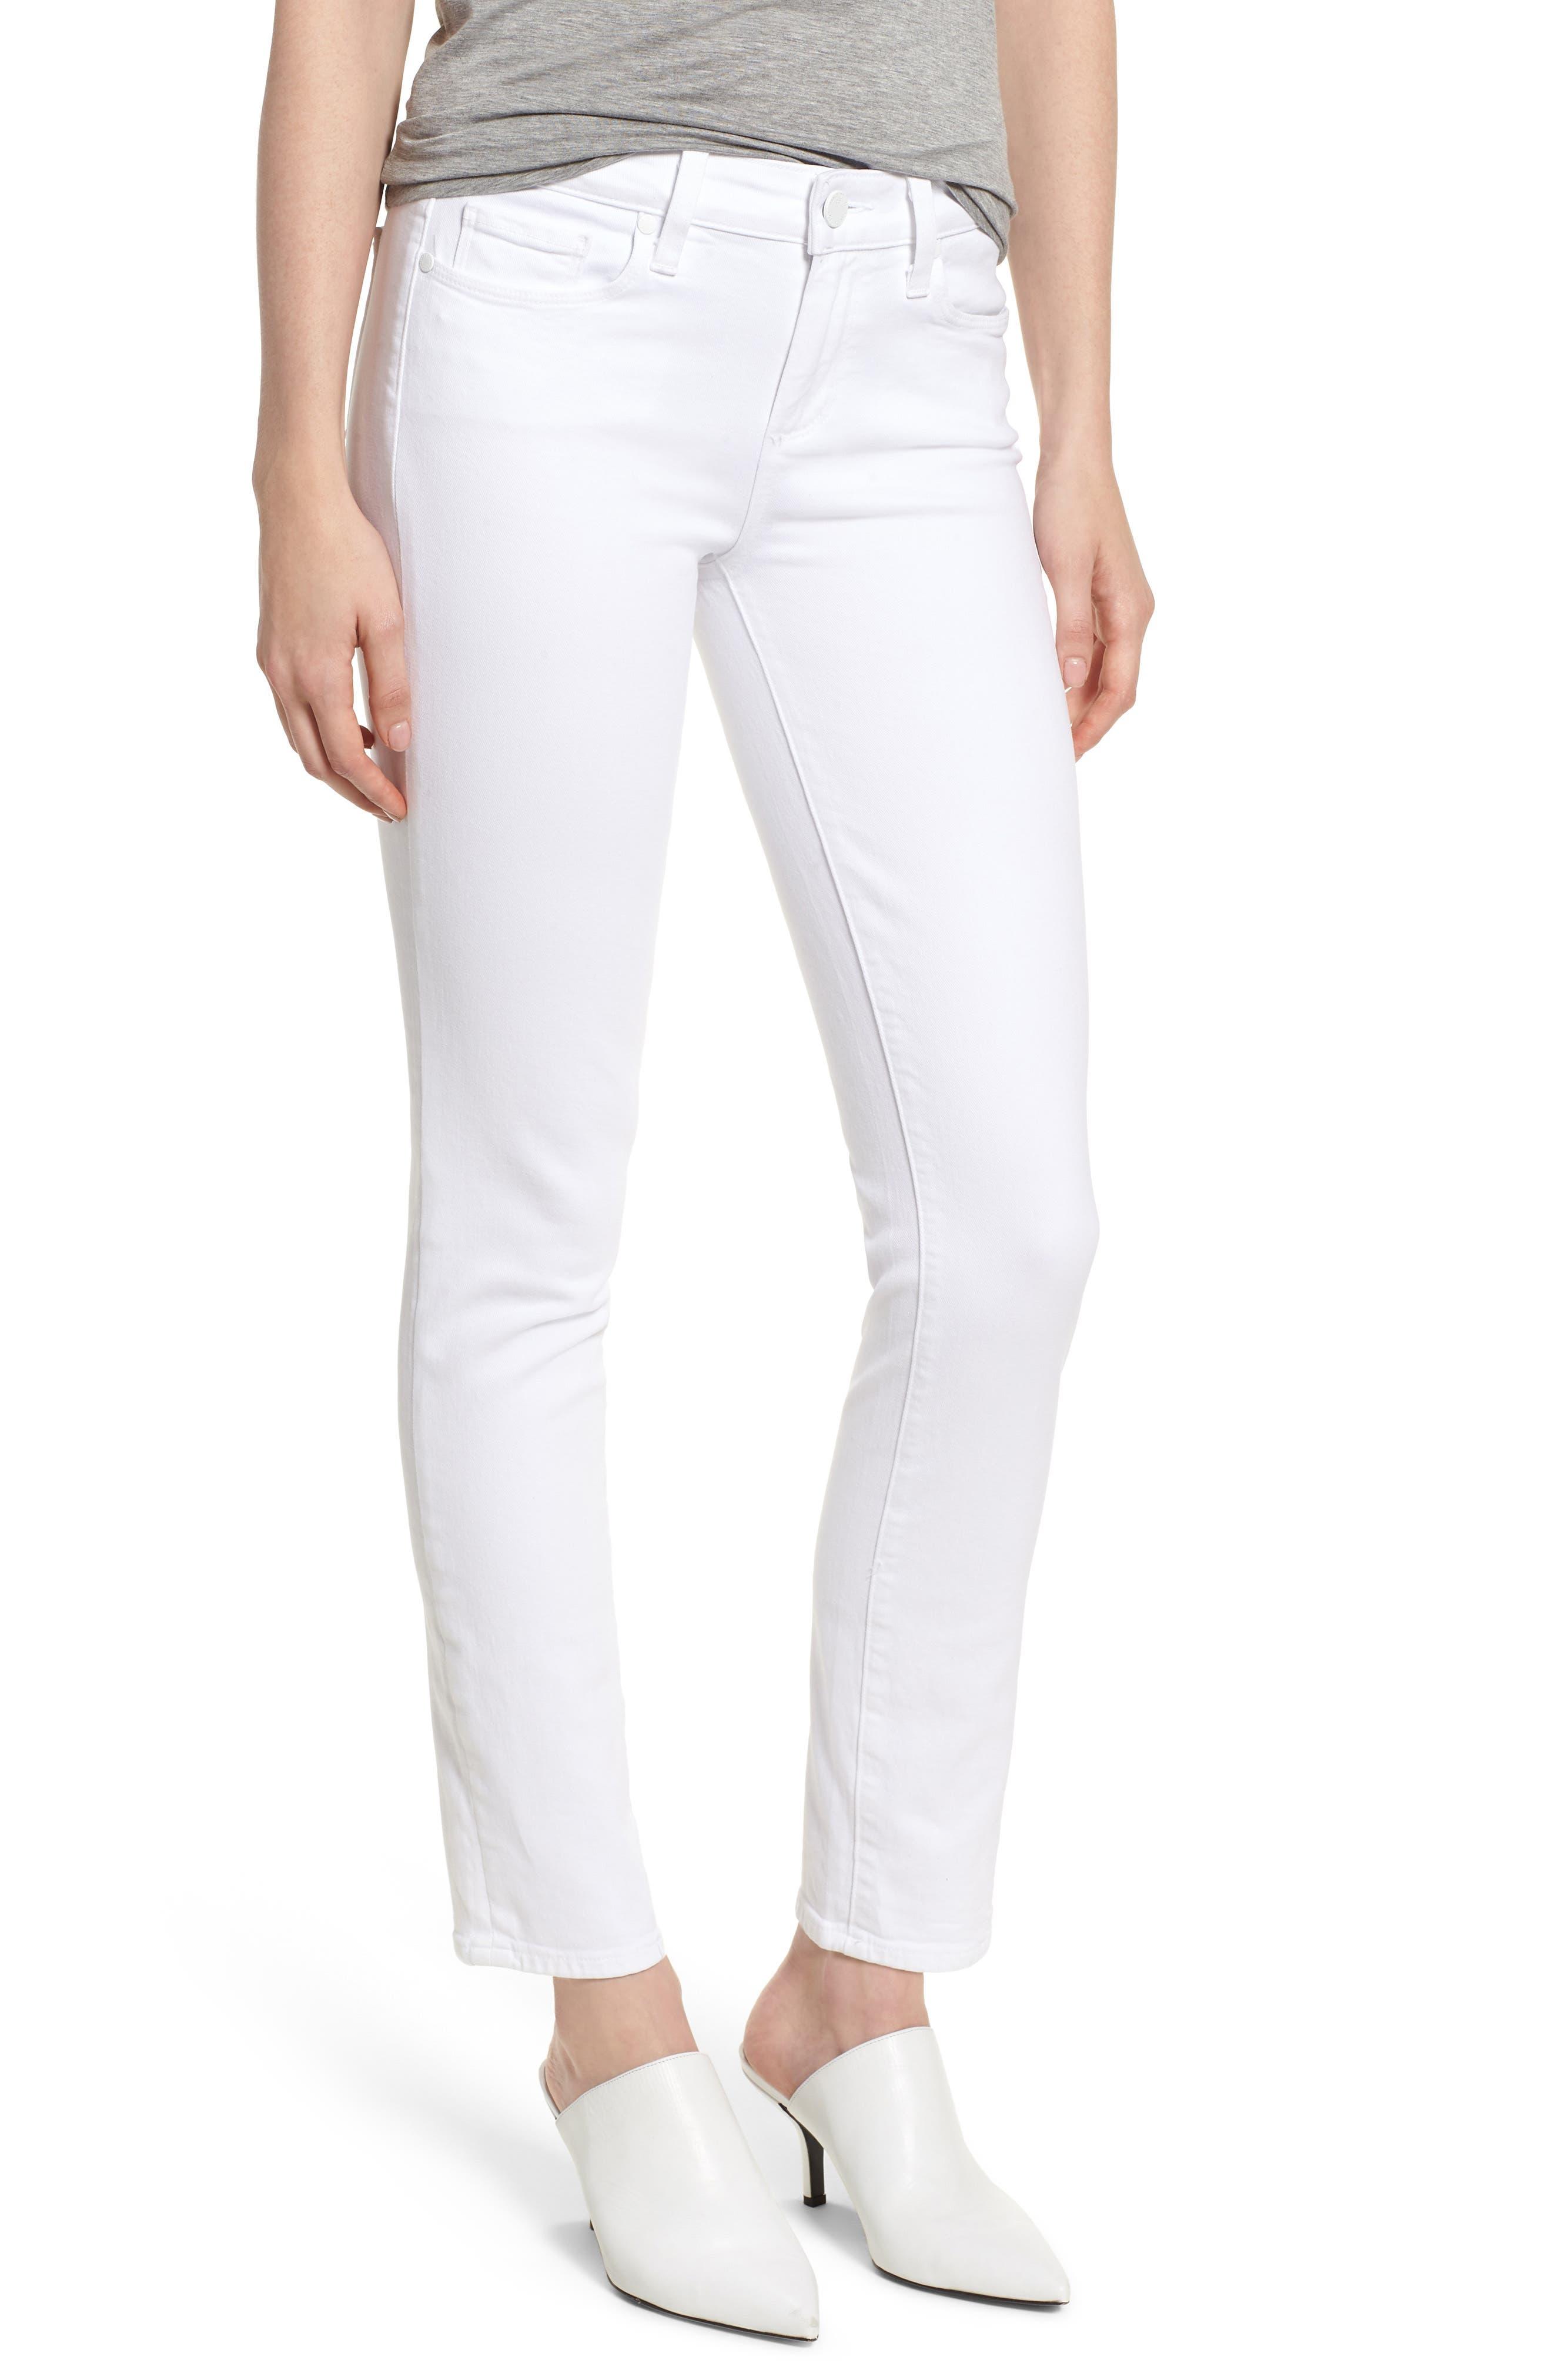 Skyline Ankle Peg Skinny Jeans,                             Main thumbnail 1, color,                             Crisp White